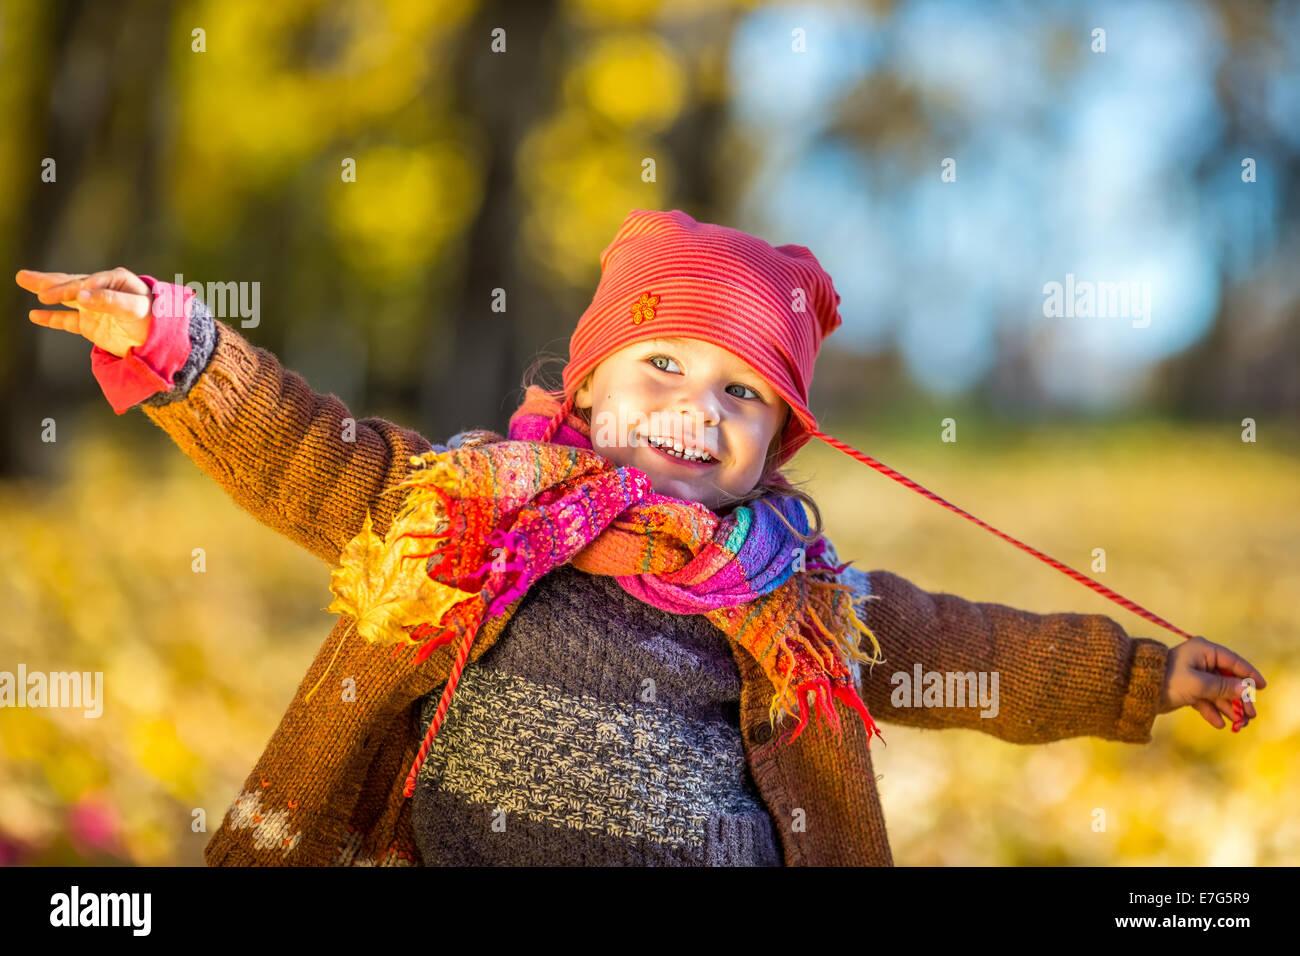 Niña feliz jugando en el parque de otoño Imagen De Stock